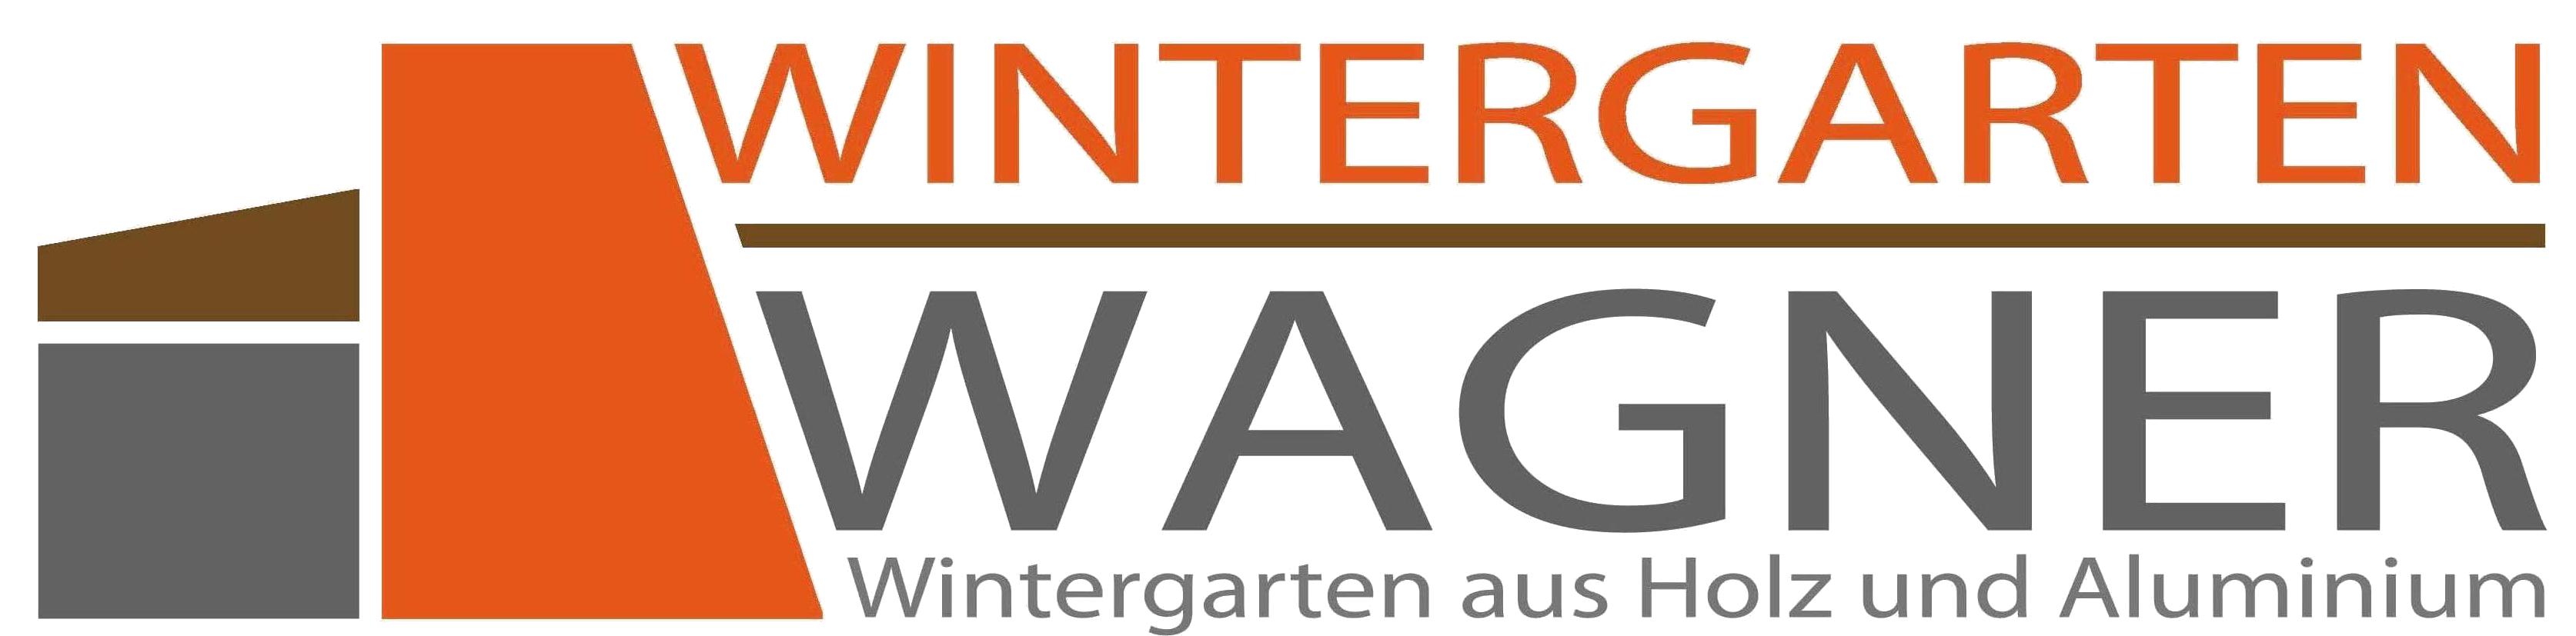 Wintergarten Wagner - Ihr Fachmann für Wintergärten aus Oberösterreich | Wintergärten, Glasfassaden, Fenstern und Türen, Sonnenschutz sowie Terrassendächer von der Wintergarten Wagner aus dem Bezirk Ried im Innkreis in Oberösterreich